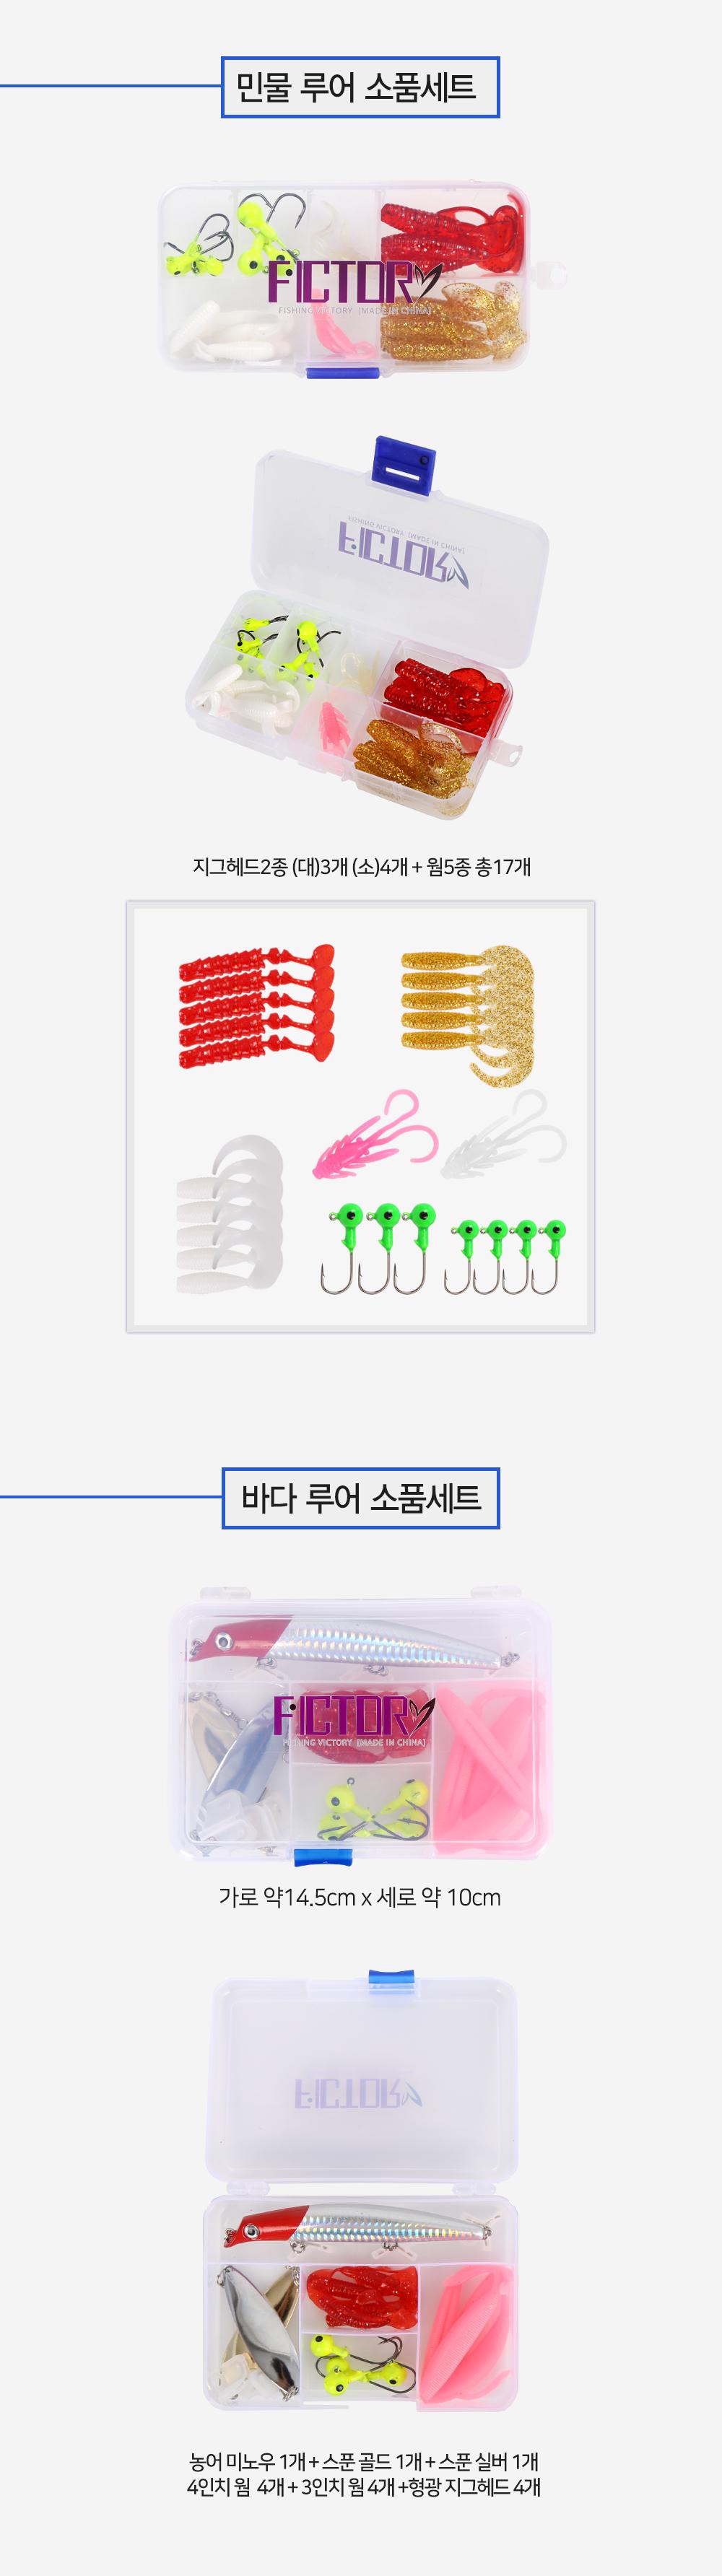 픽토리 FICTORY 메소드 세트 채비소품 4종 원투채비소품 원투채비세트 낚시세트소품 낚시소품